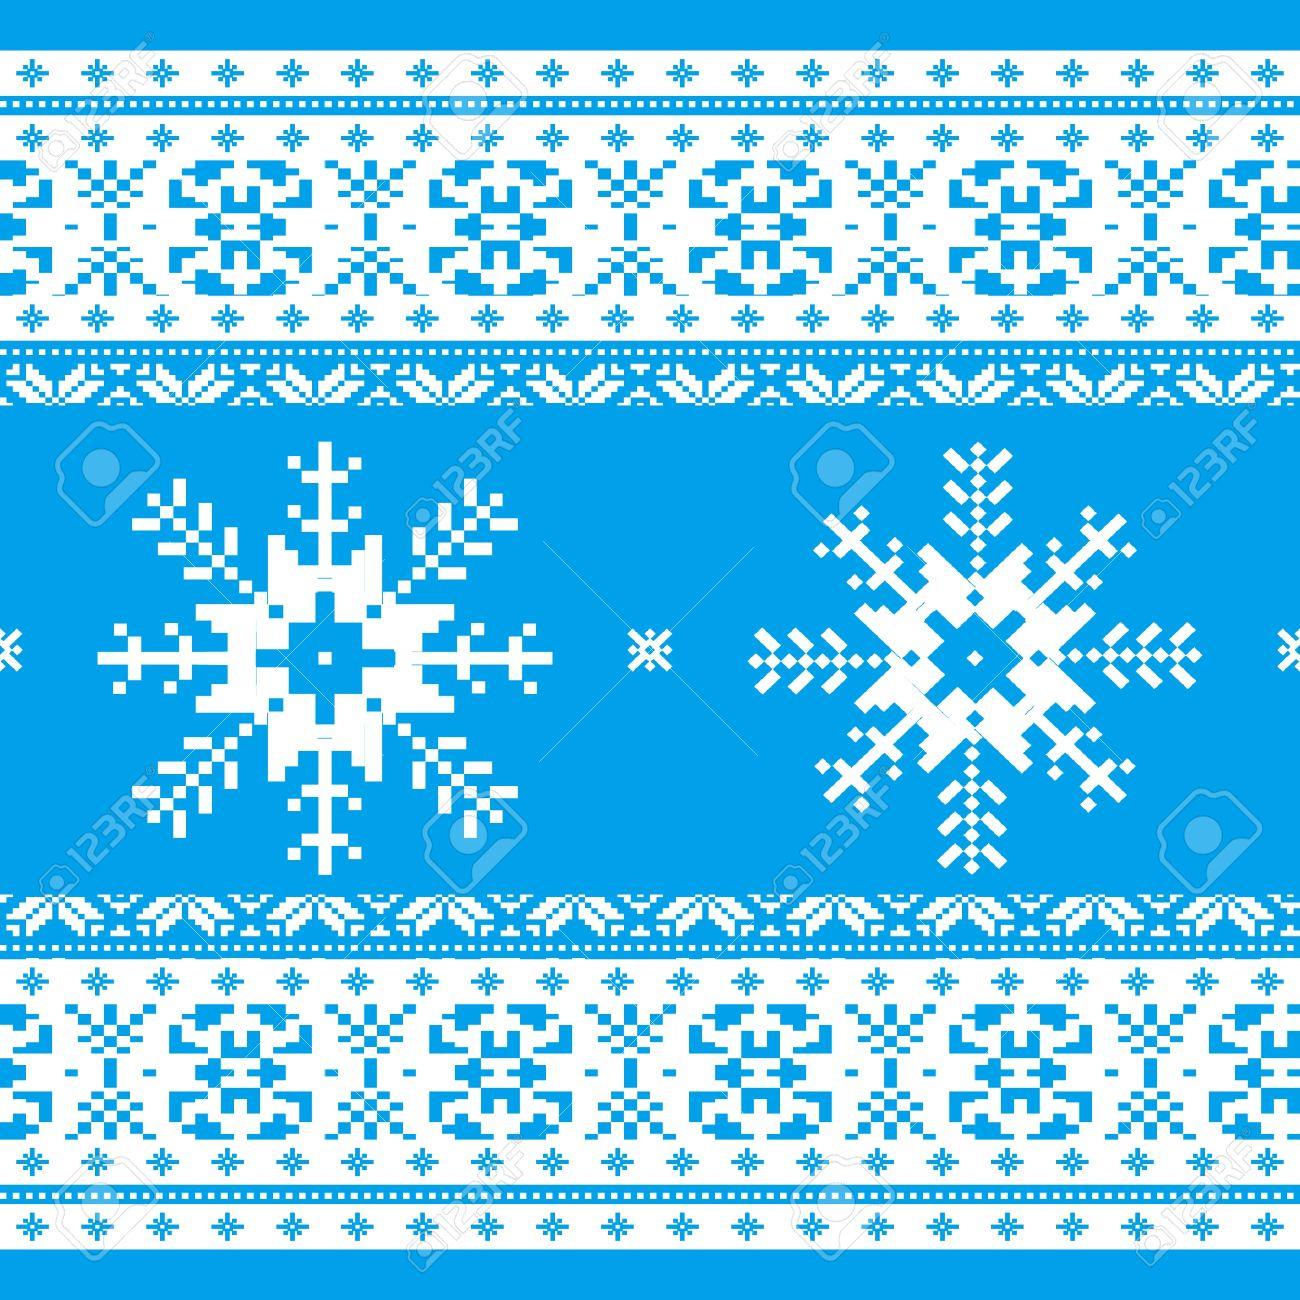 Navidad Tradicional De Punto Patrón Ornamental Con Copos De Nieve ...